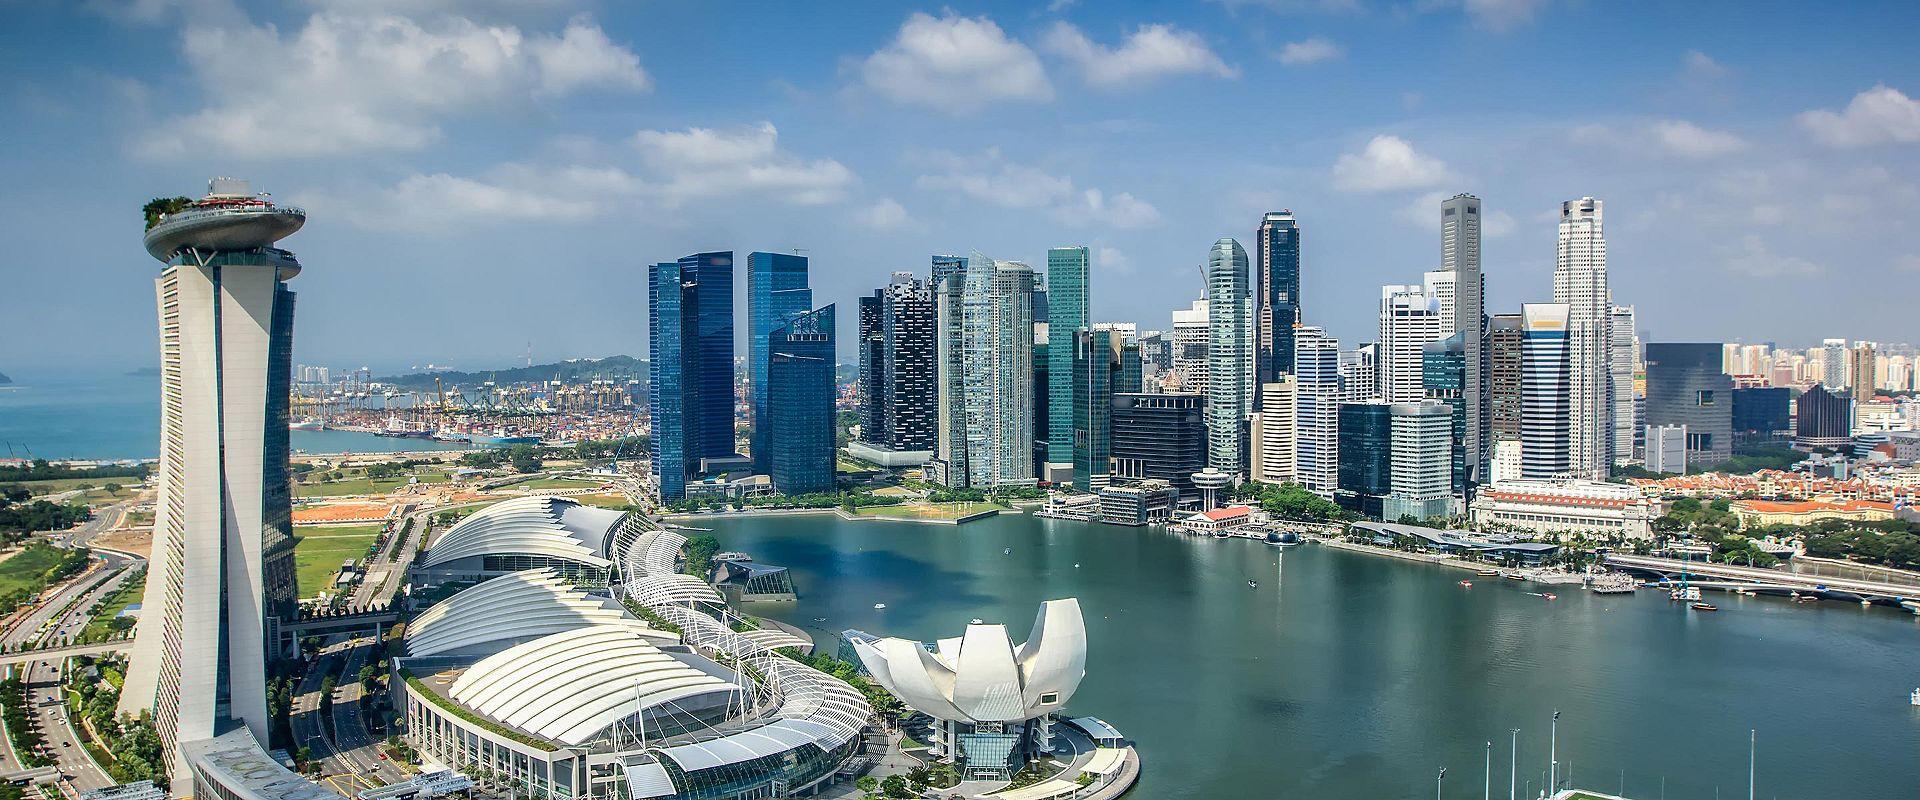 シンガポール発ドバイ着 マレーシア・インド片道クルーズ 11泊12日